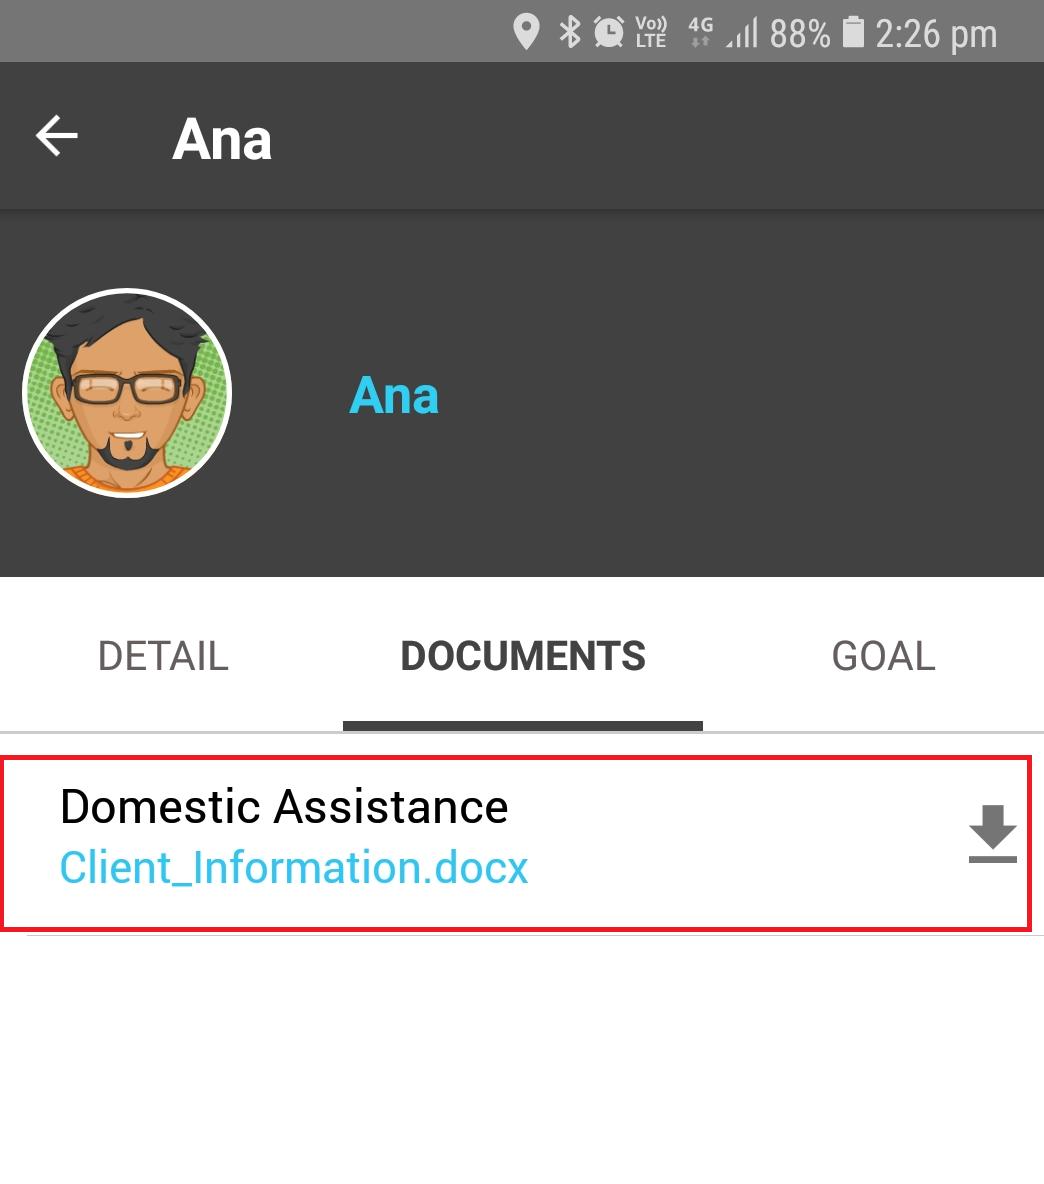 client_document.png